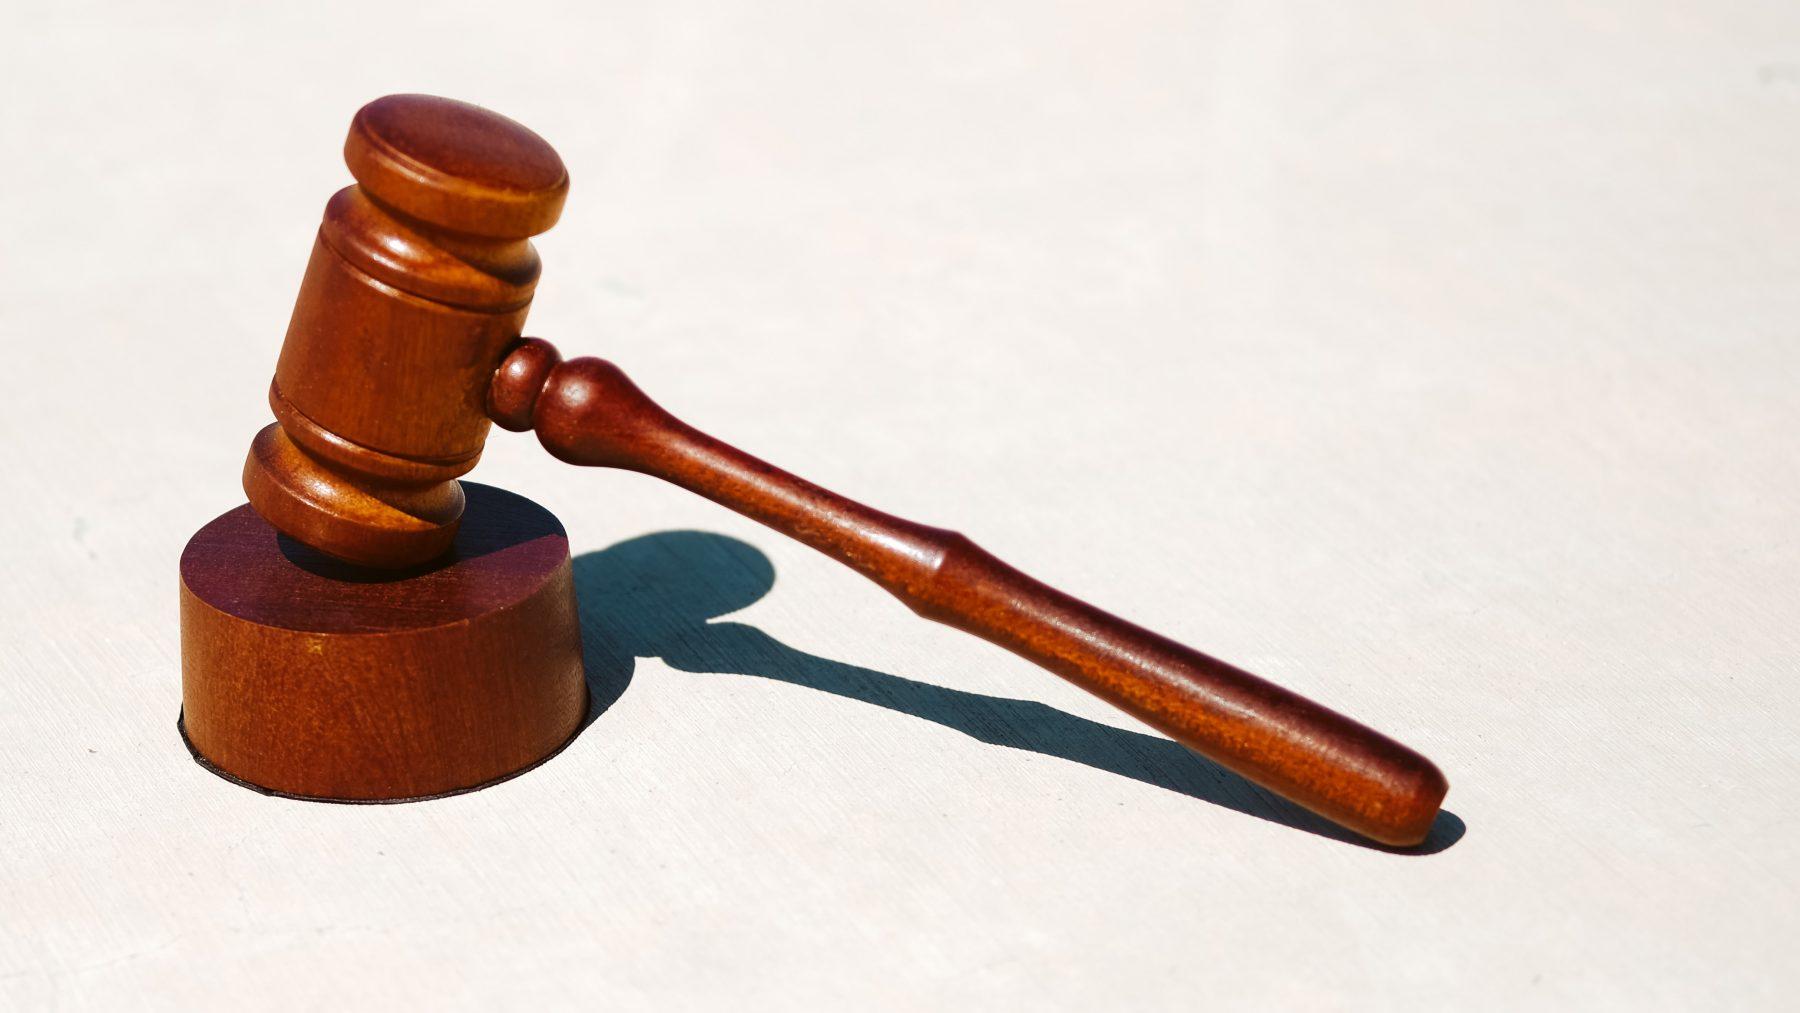 Celstraf van zes jaar en tbs met dwangverpleging voor runnen jongensbordeel